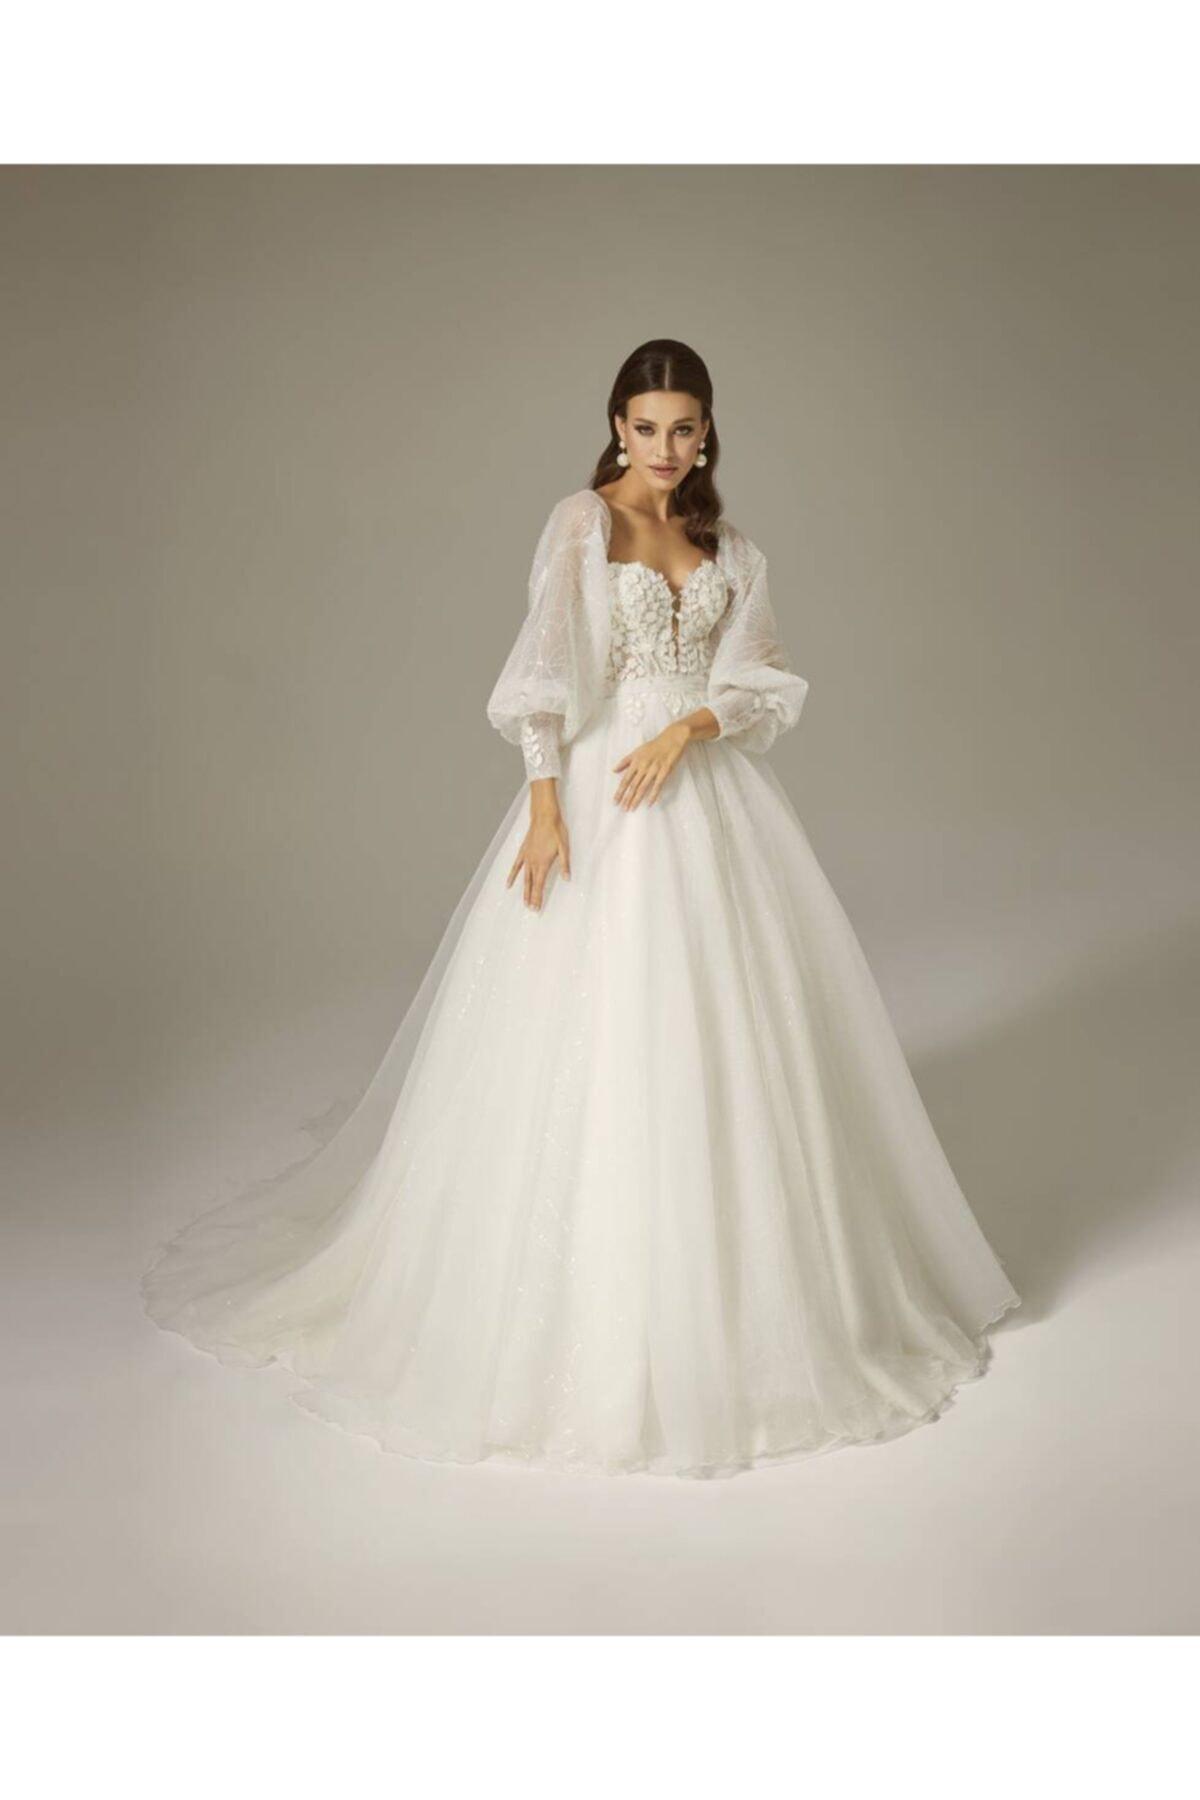 Mediha Cambaz Bridal Oly Balon Kollu Manşet Detaylı 3 Boyut Yaprak Dantelli Yırtmaçlı A Kesim Gelinlik Modeli 1